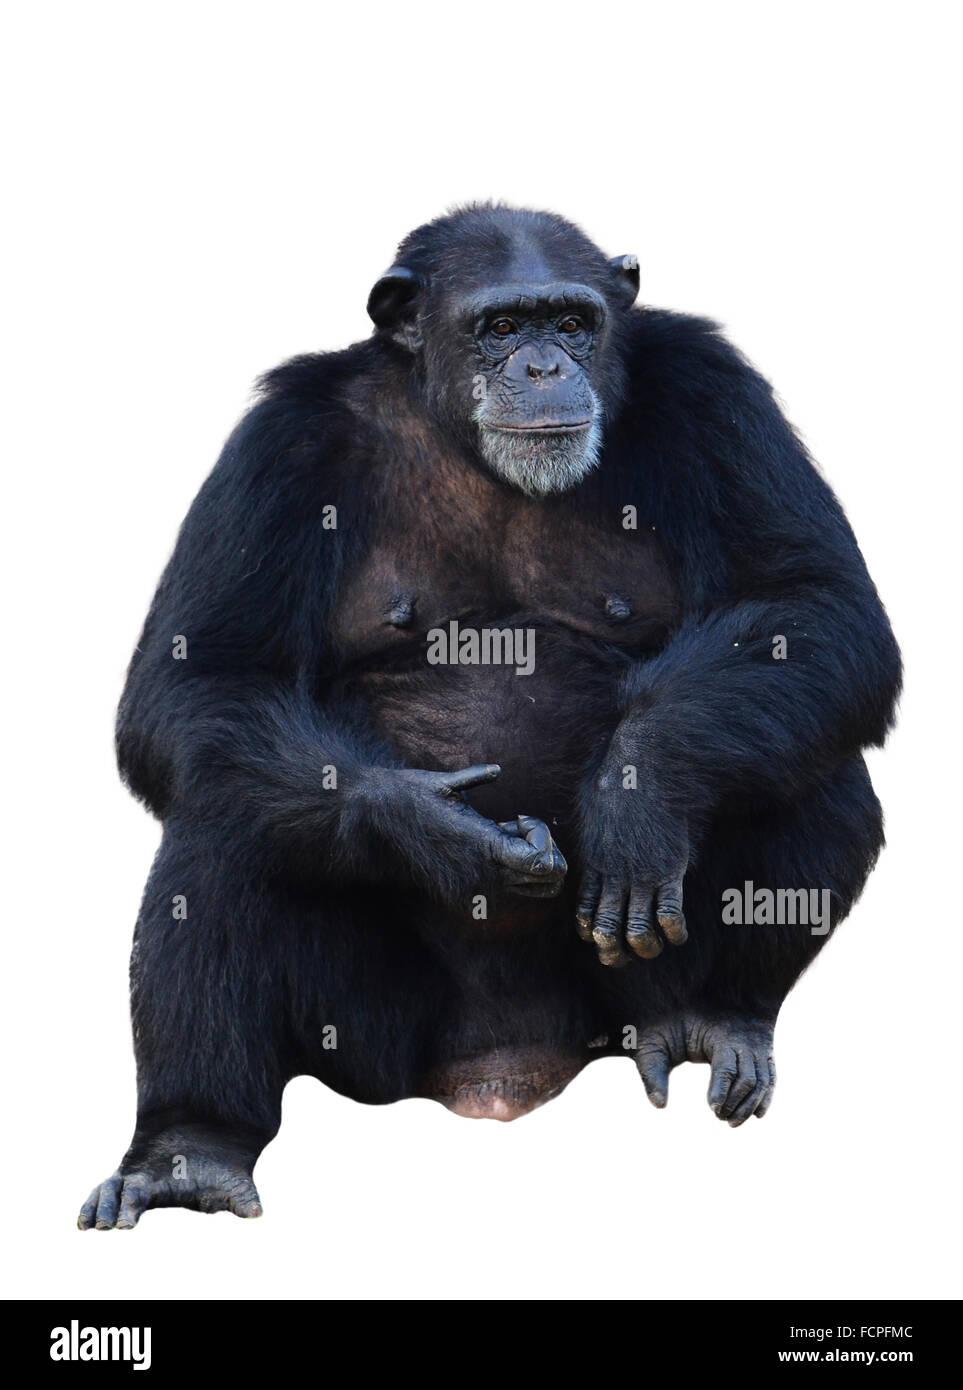 chimpanzee, simia troglodytes isolated on white background - Stock Image